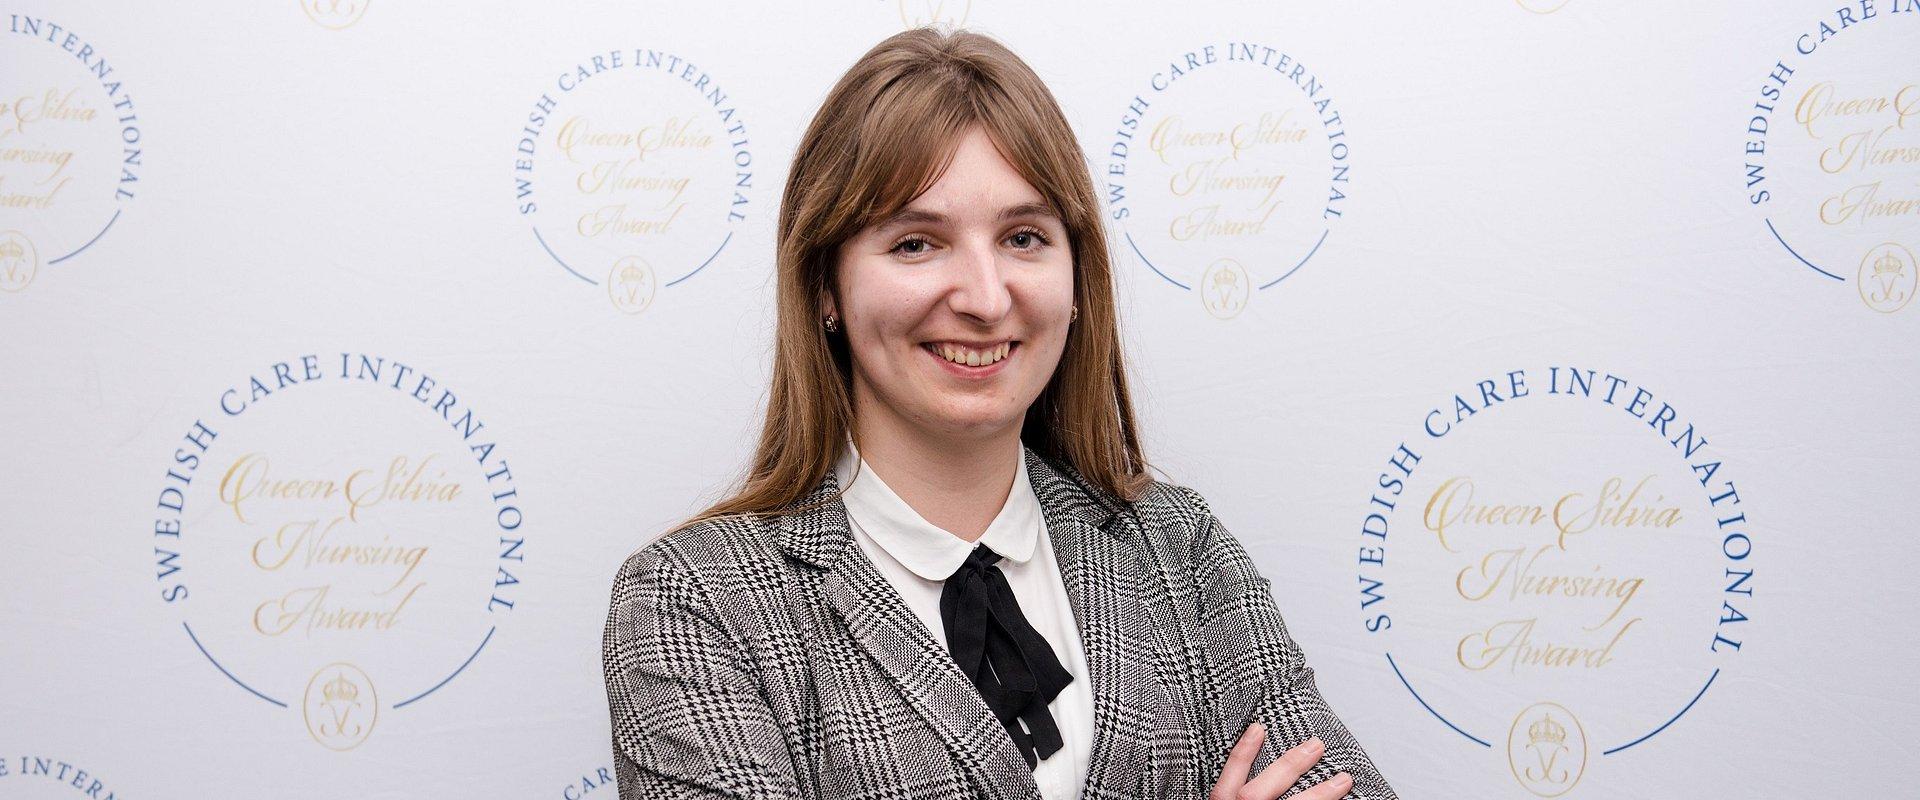 Znamy zwyciężczynię Queen Silvia Nursing Award